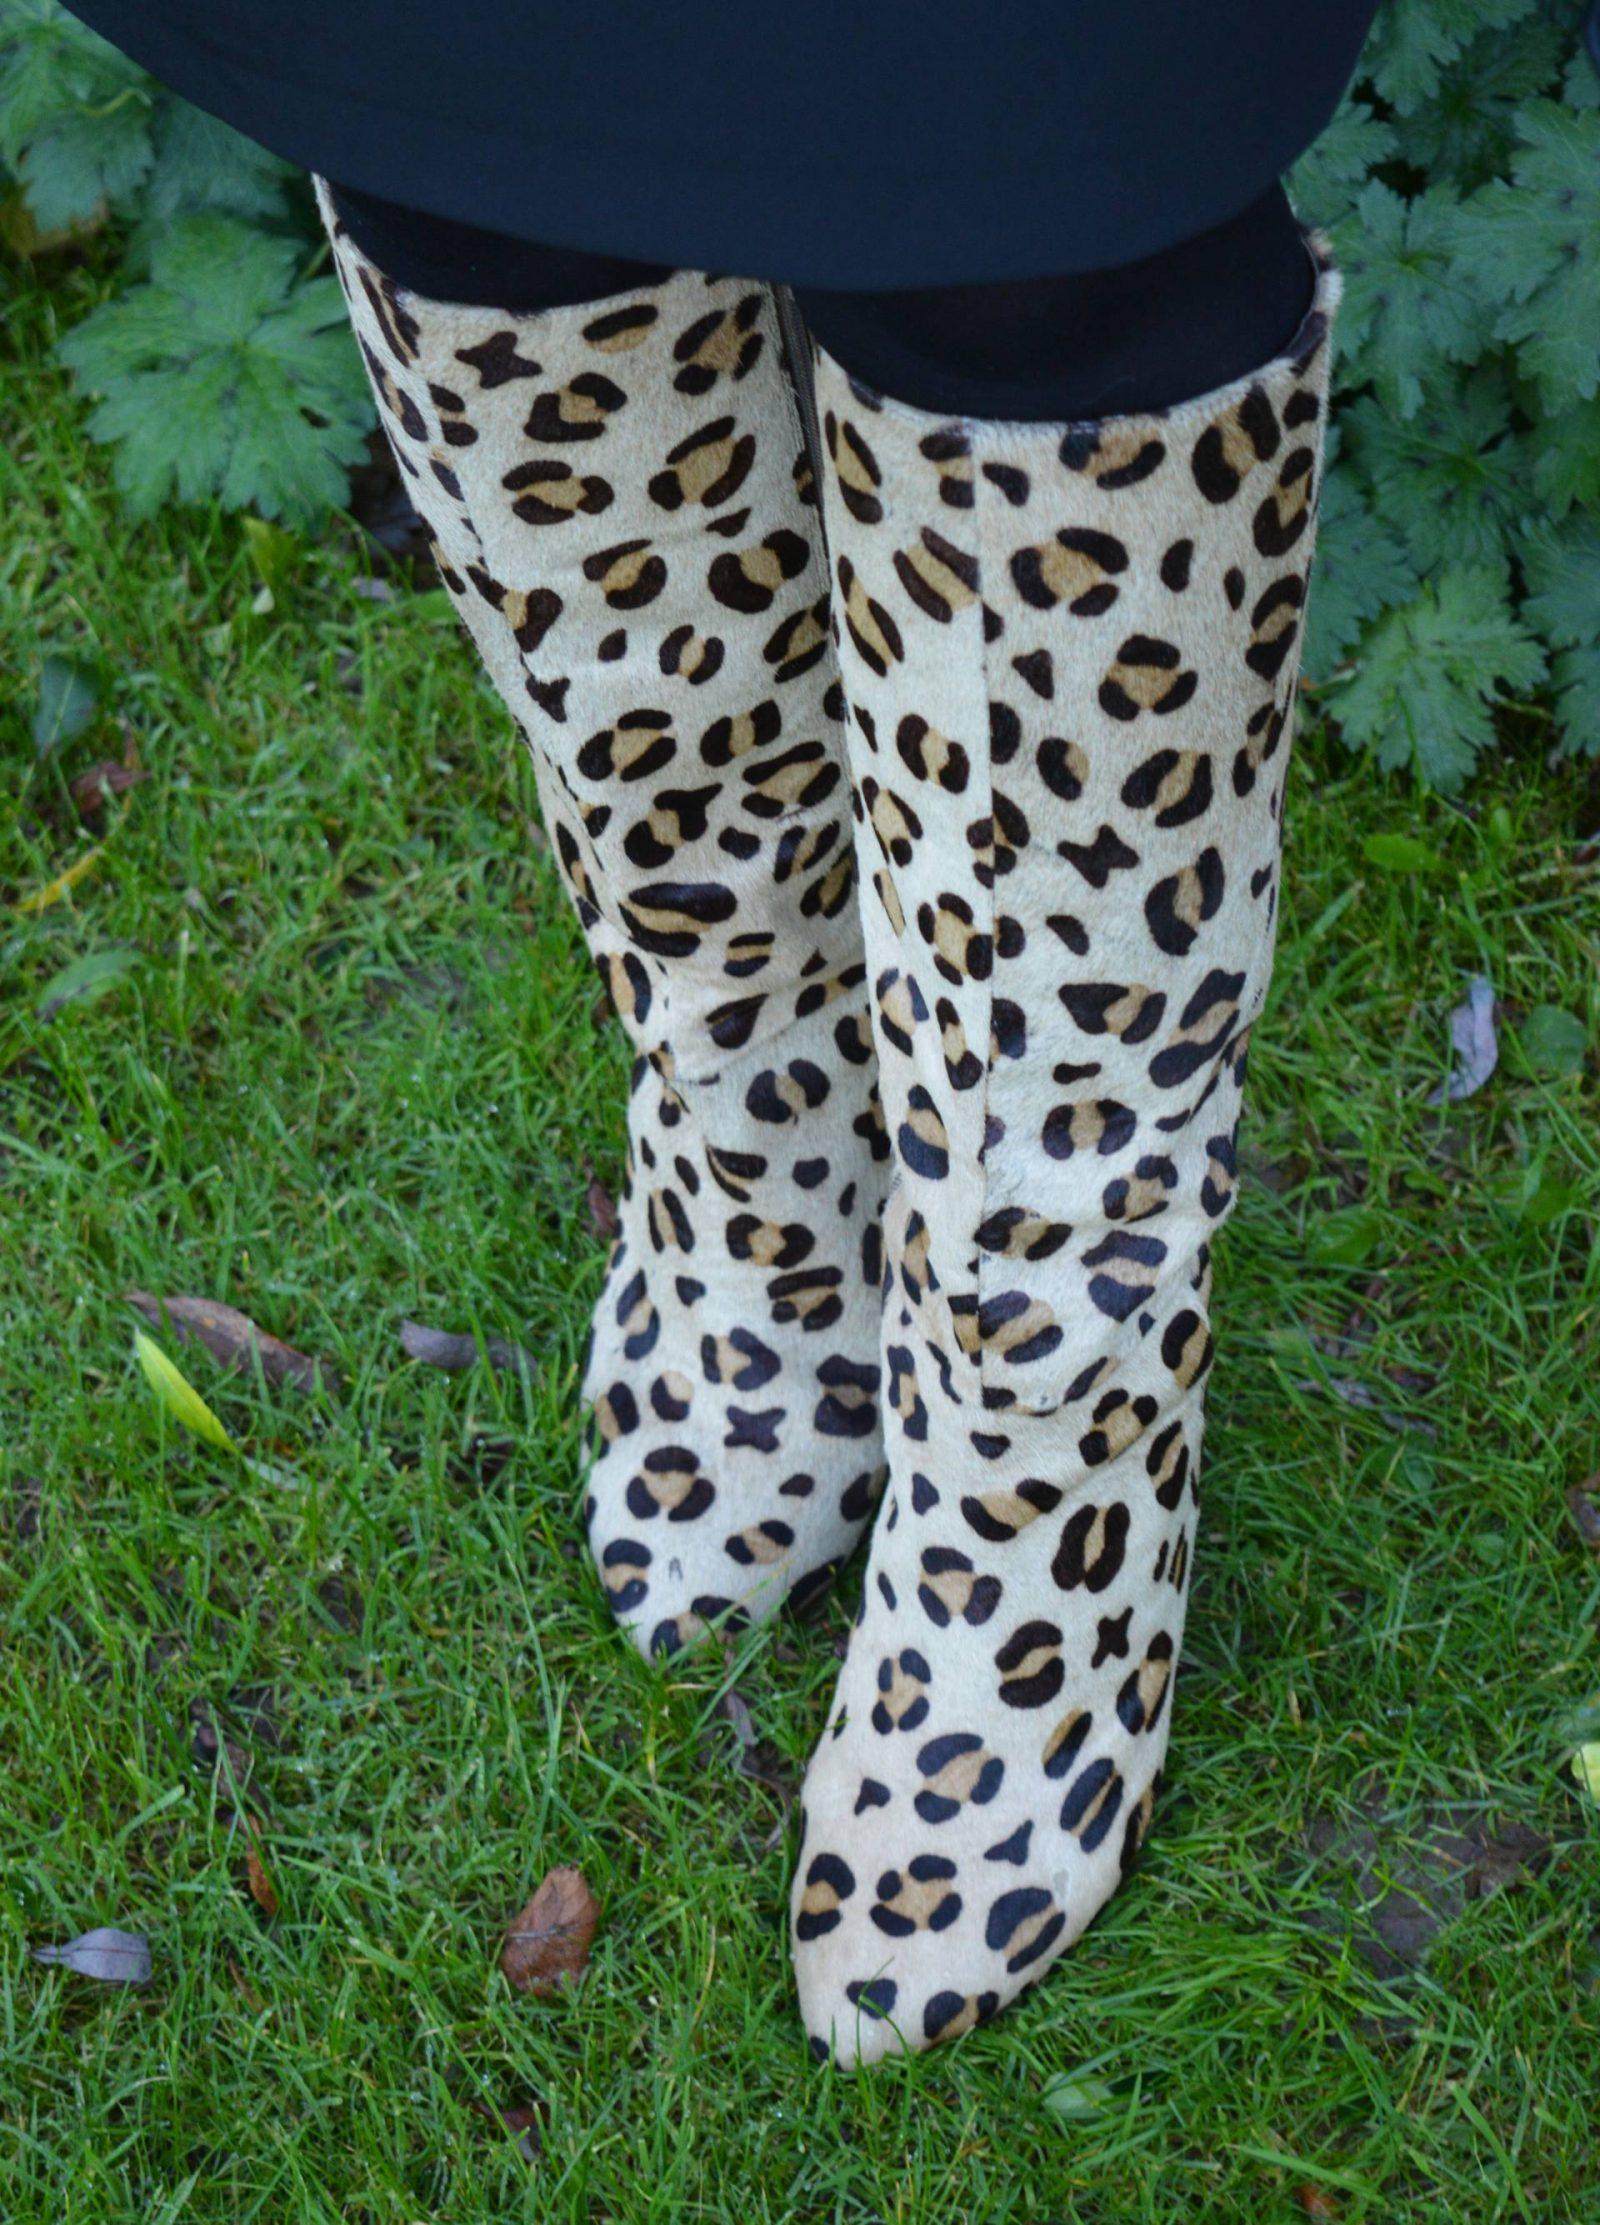 Leopard Print Boots and a Peplum Skirt